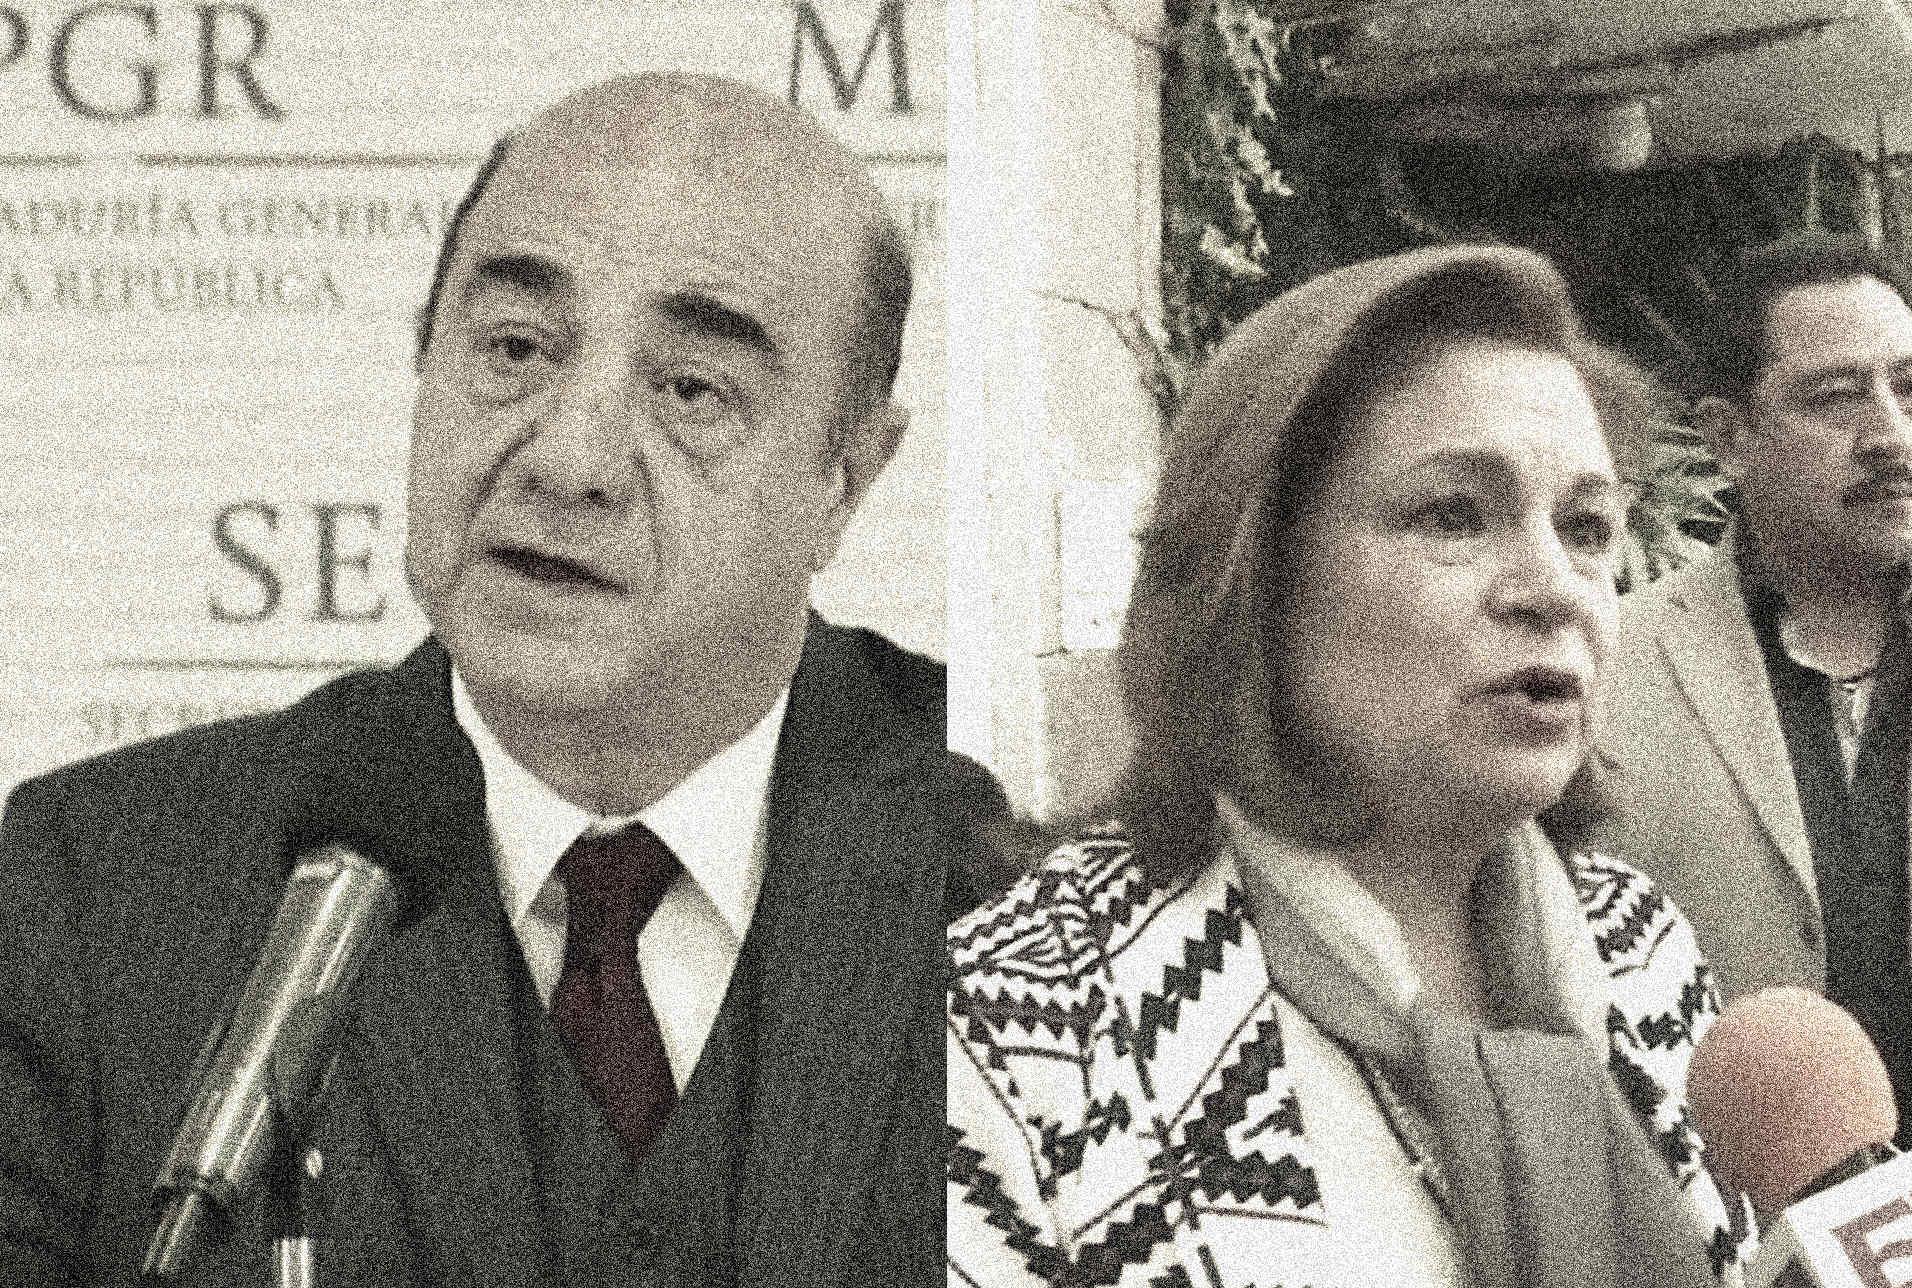 Seis personas tuvieron Pegasus bajo su cargo en la PGR durante los ataques de #GobiernoEspía